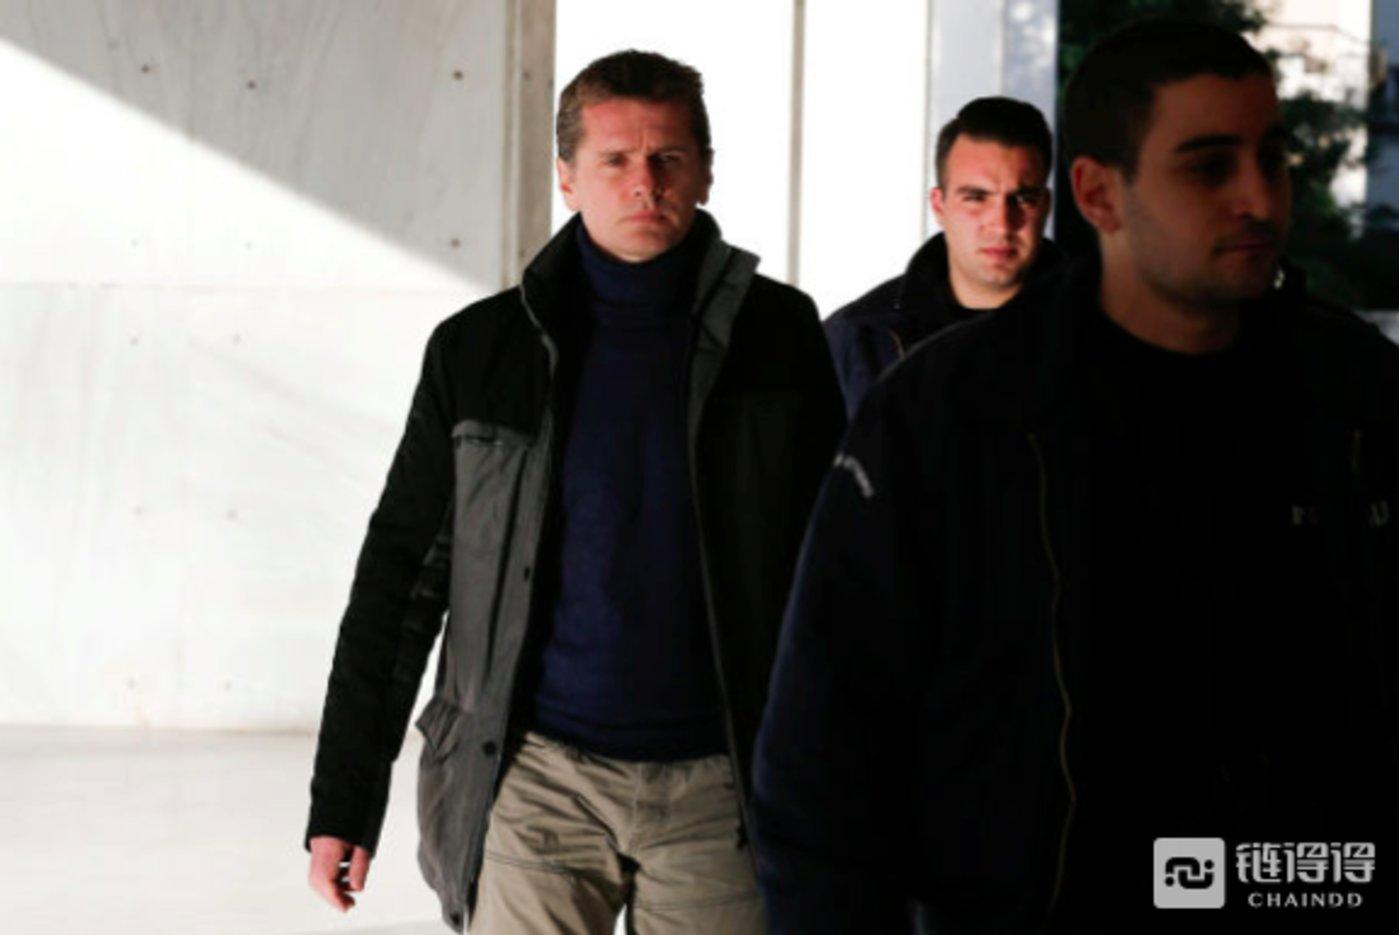 俄罗斯人Alexander Vinnik被指控利用比特币进行洗钱活动,并在希腊海滩被捕